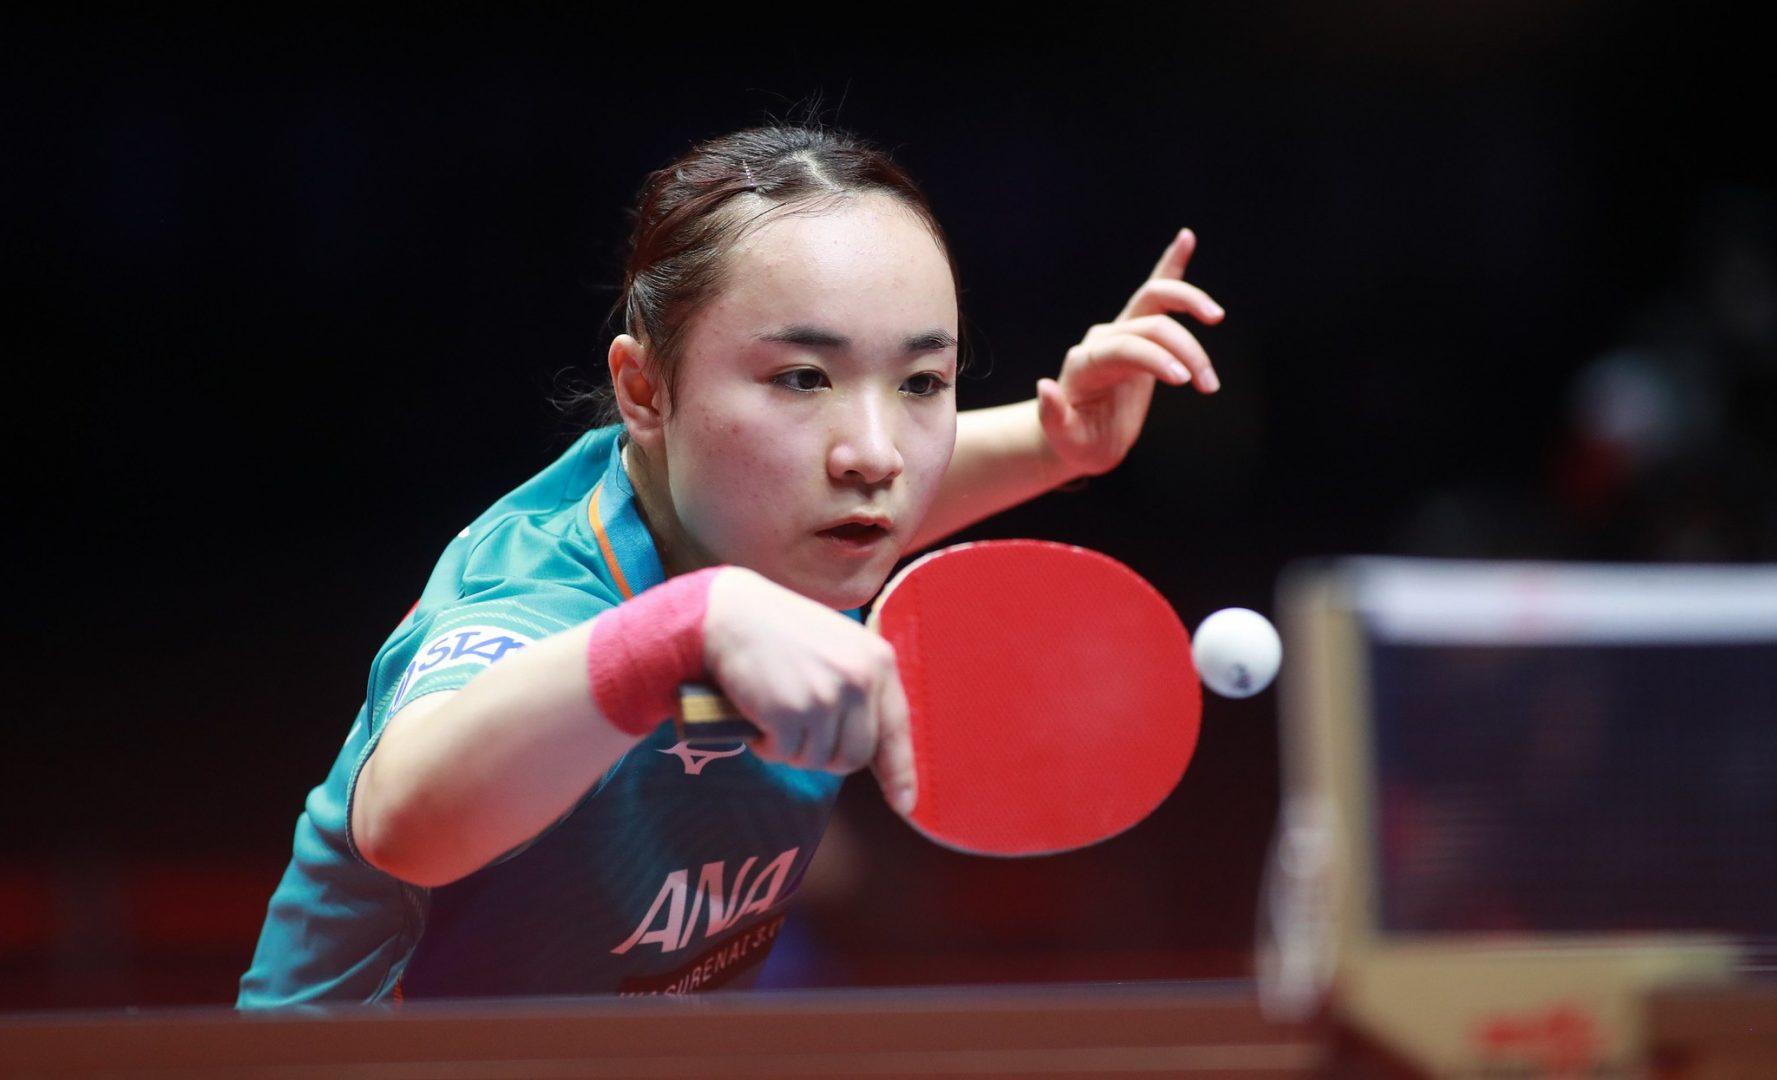 卓球女子世界ランキング(1月発表)|伊藤美誠が3位 2か月連続の自己最高位更新